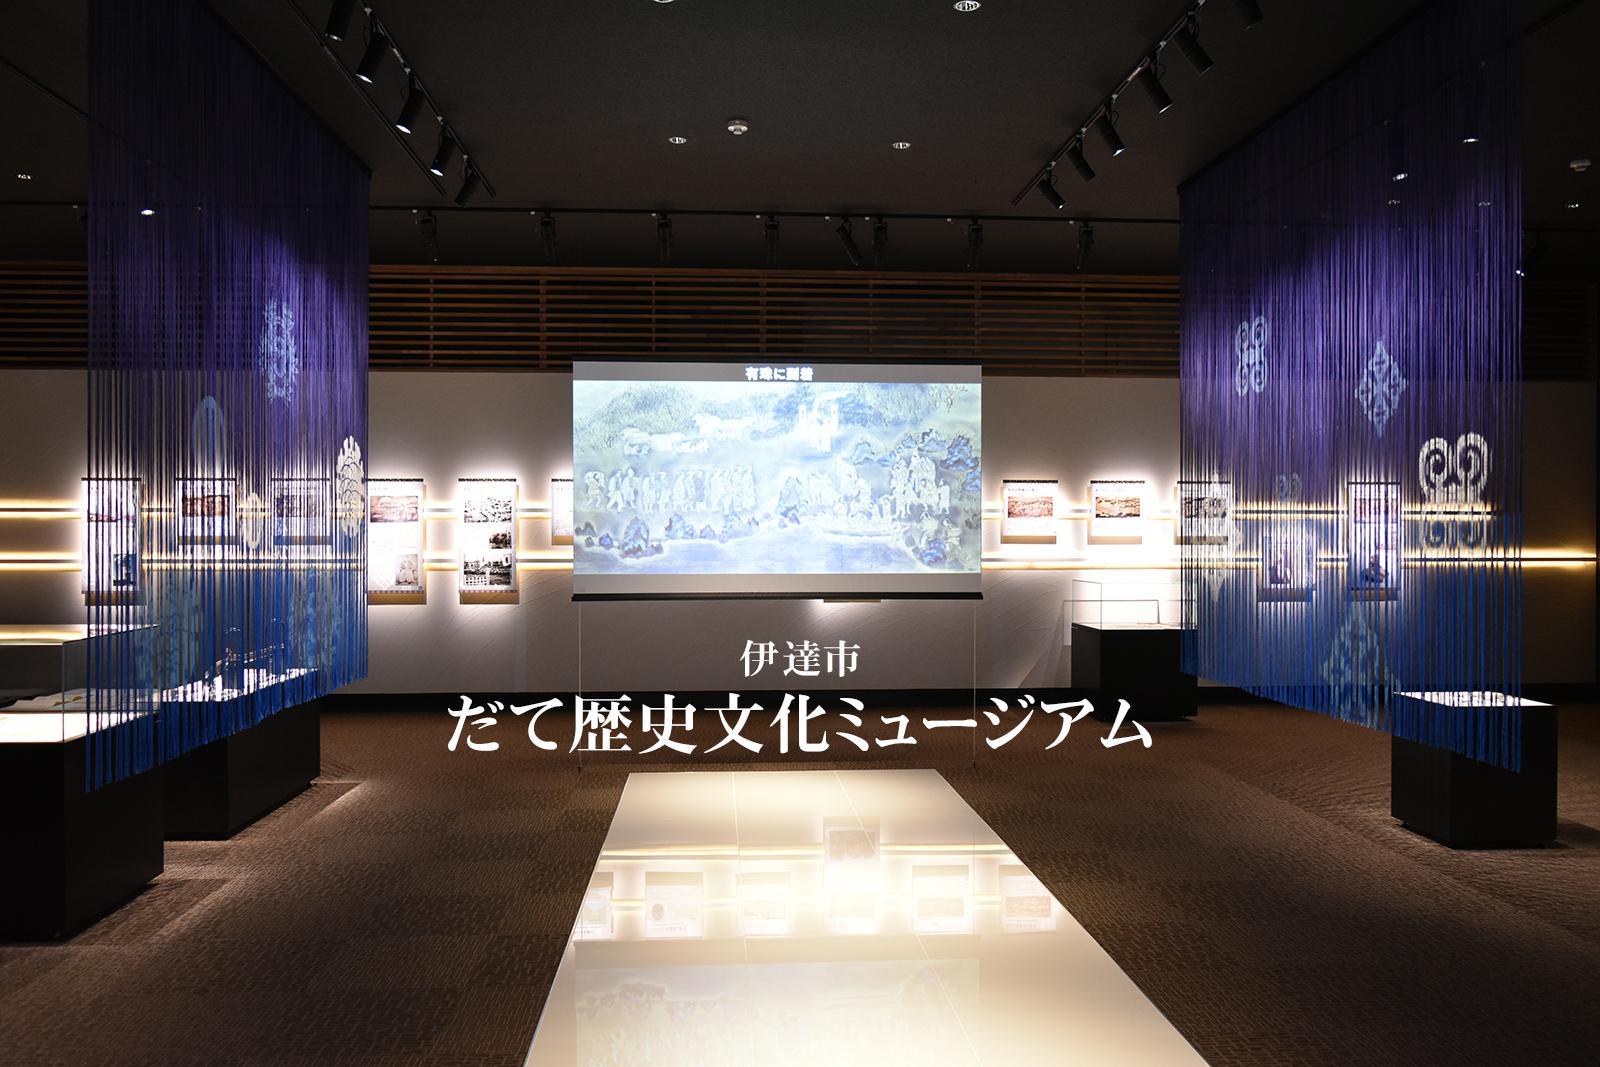 だて歴史文化ミュージアムで縄文・アイヌ・武士の3つの文化を学ぶ